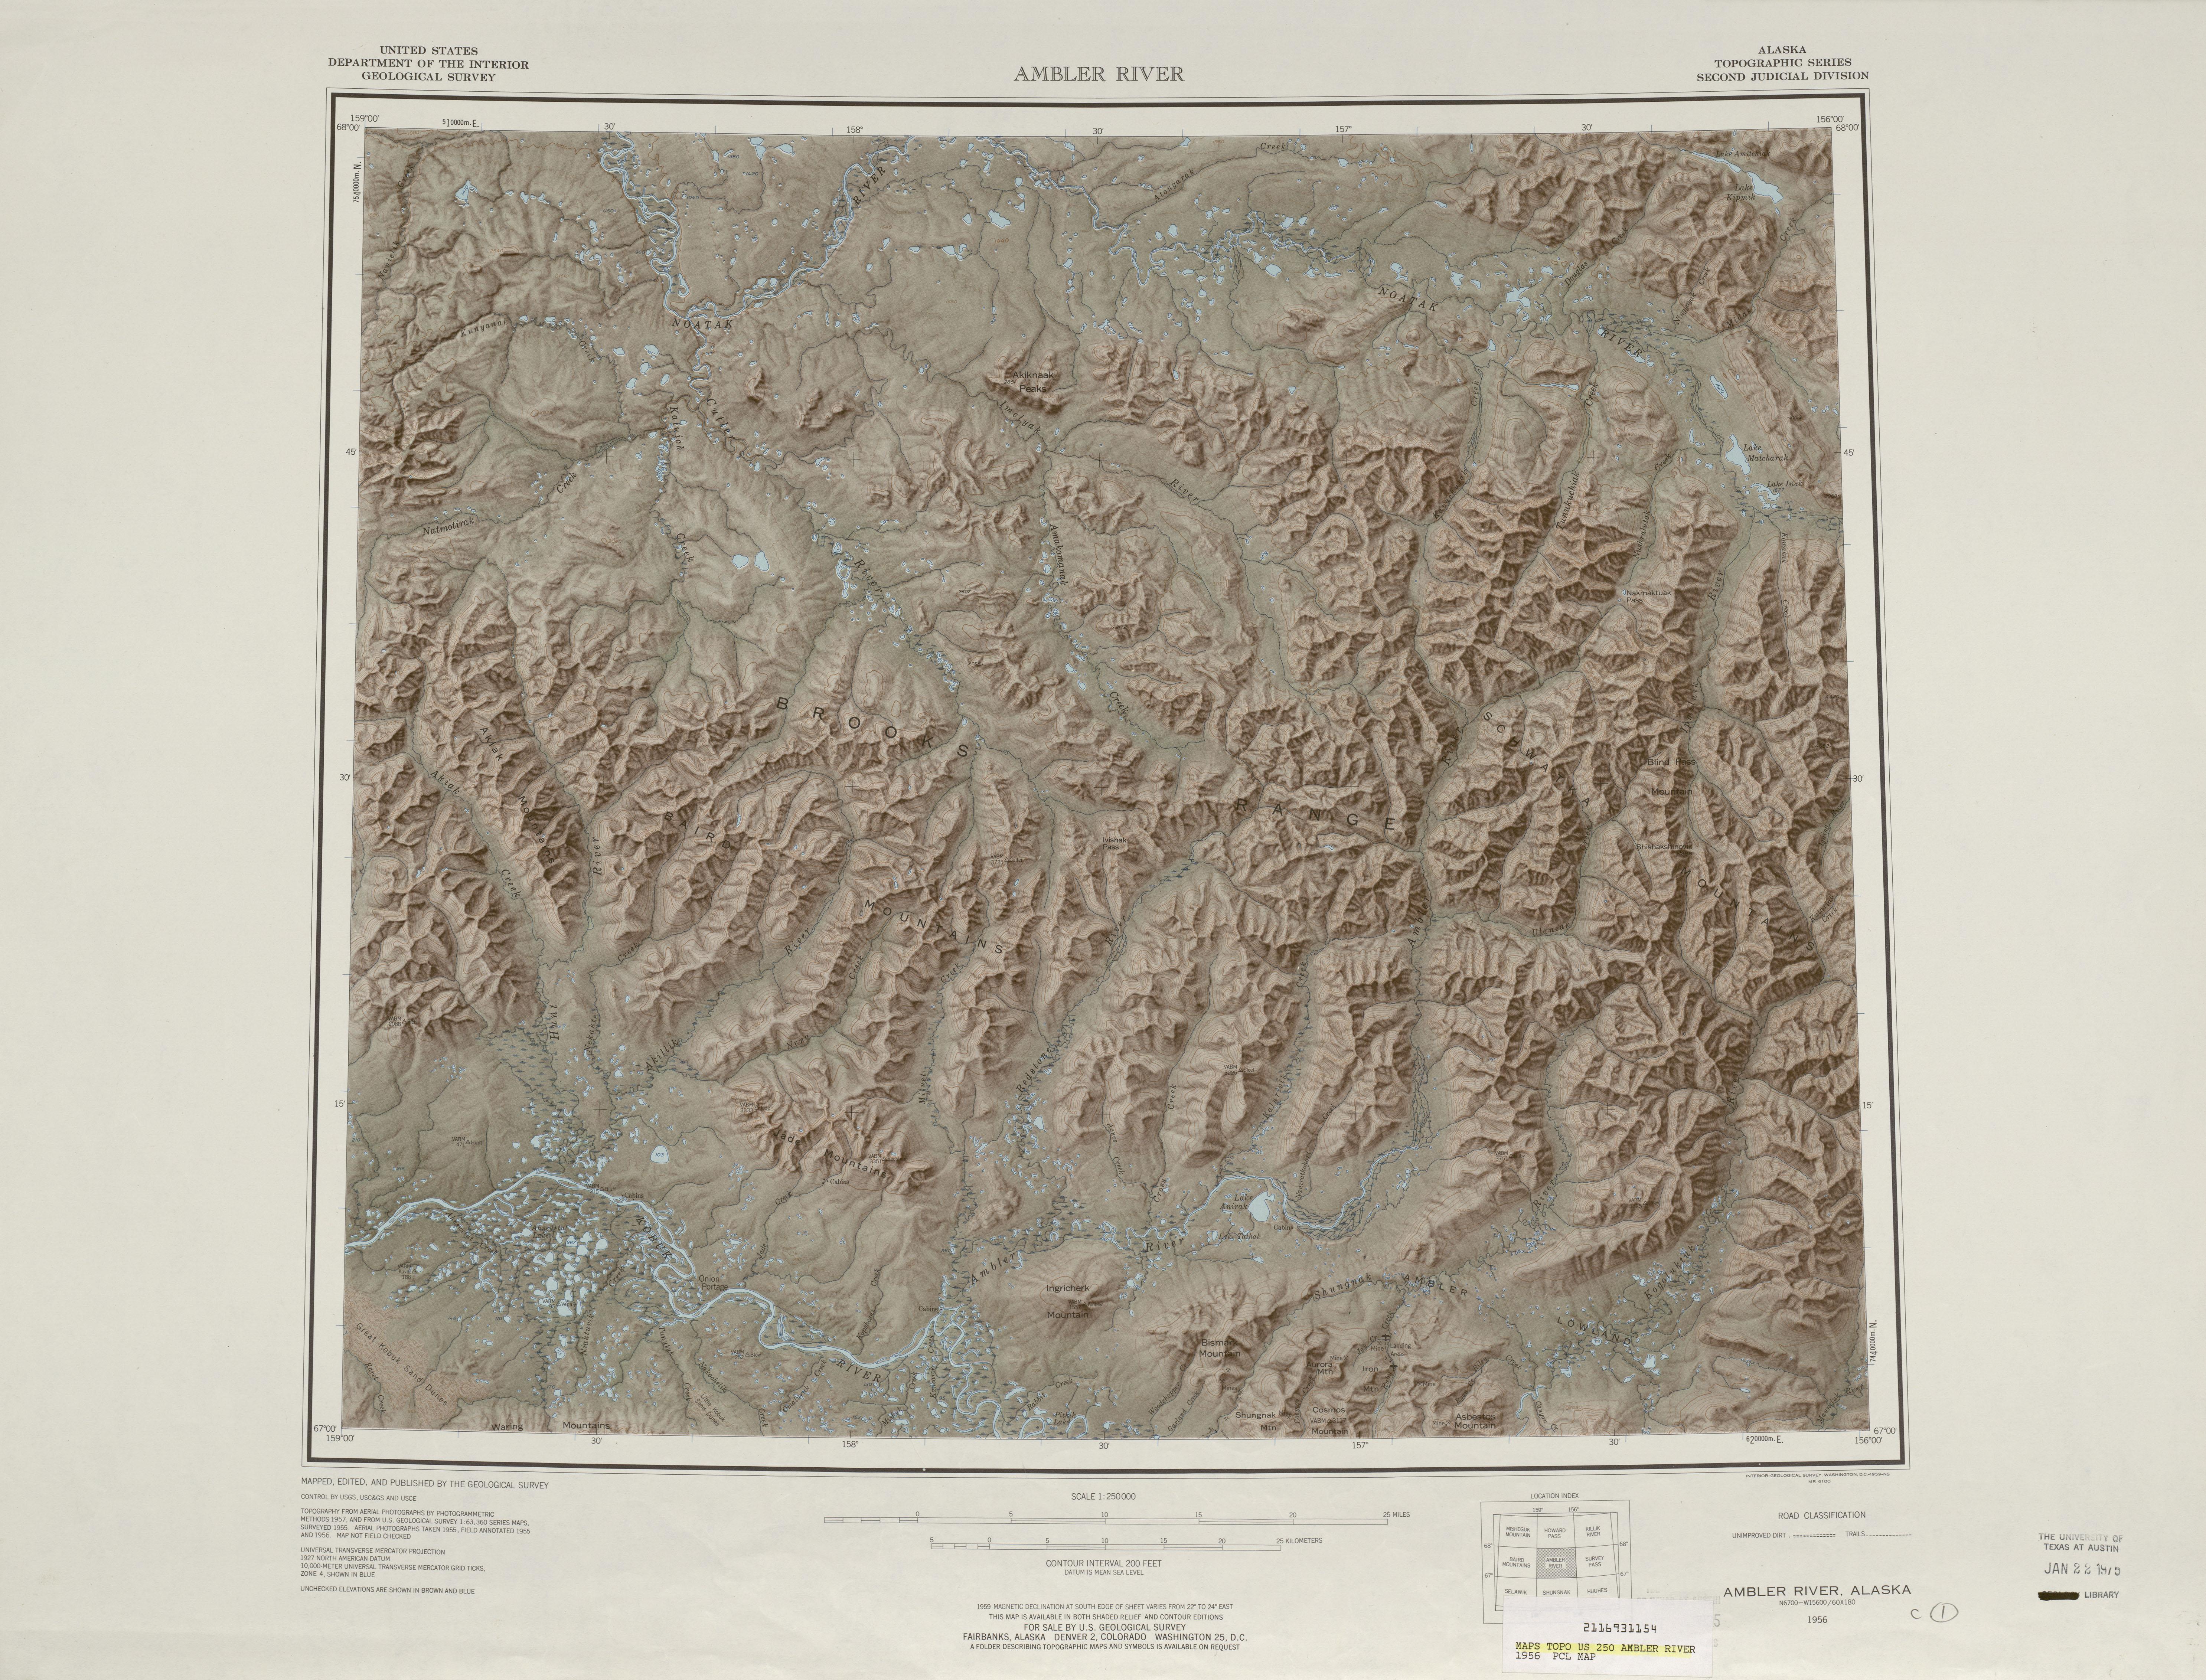 Hoja Ambler River del Mapa Topográfico de los Estados Unidos 1956